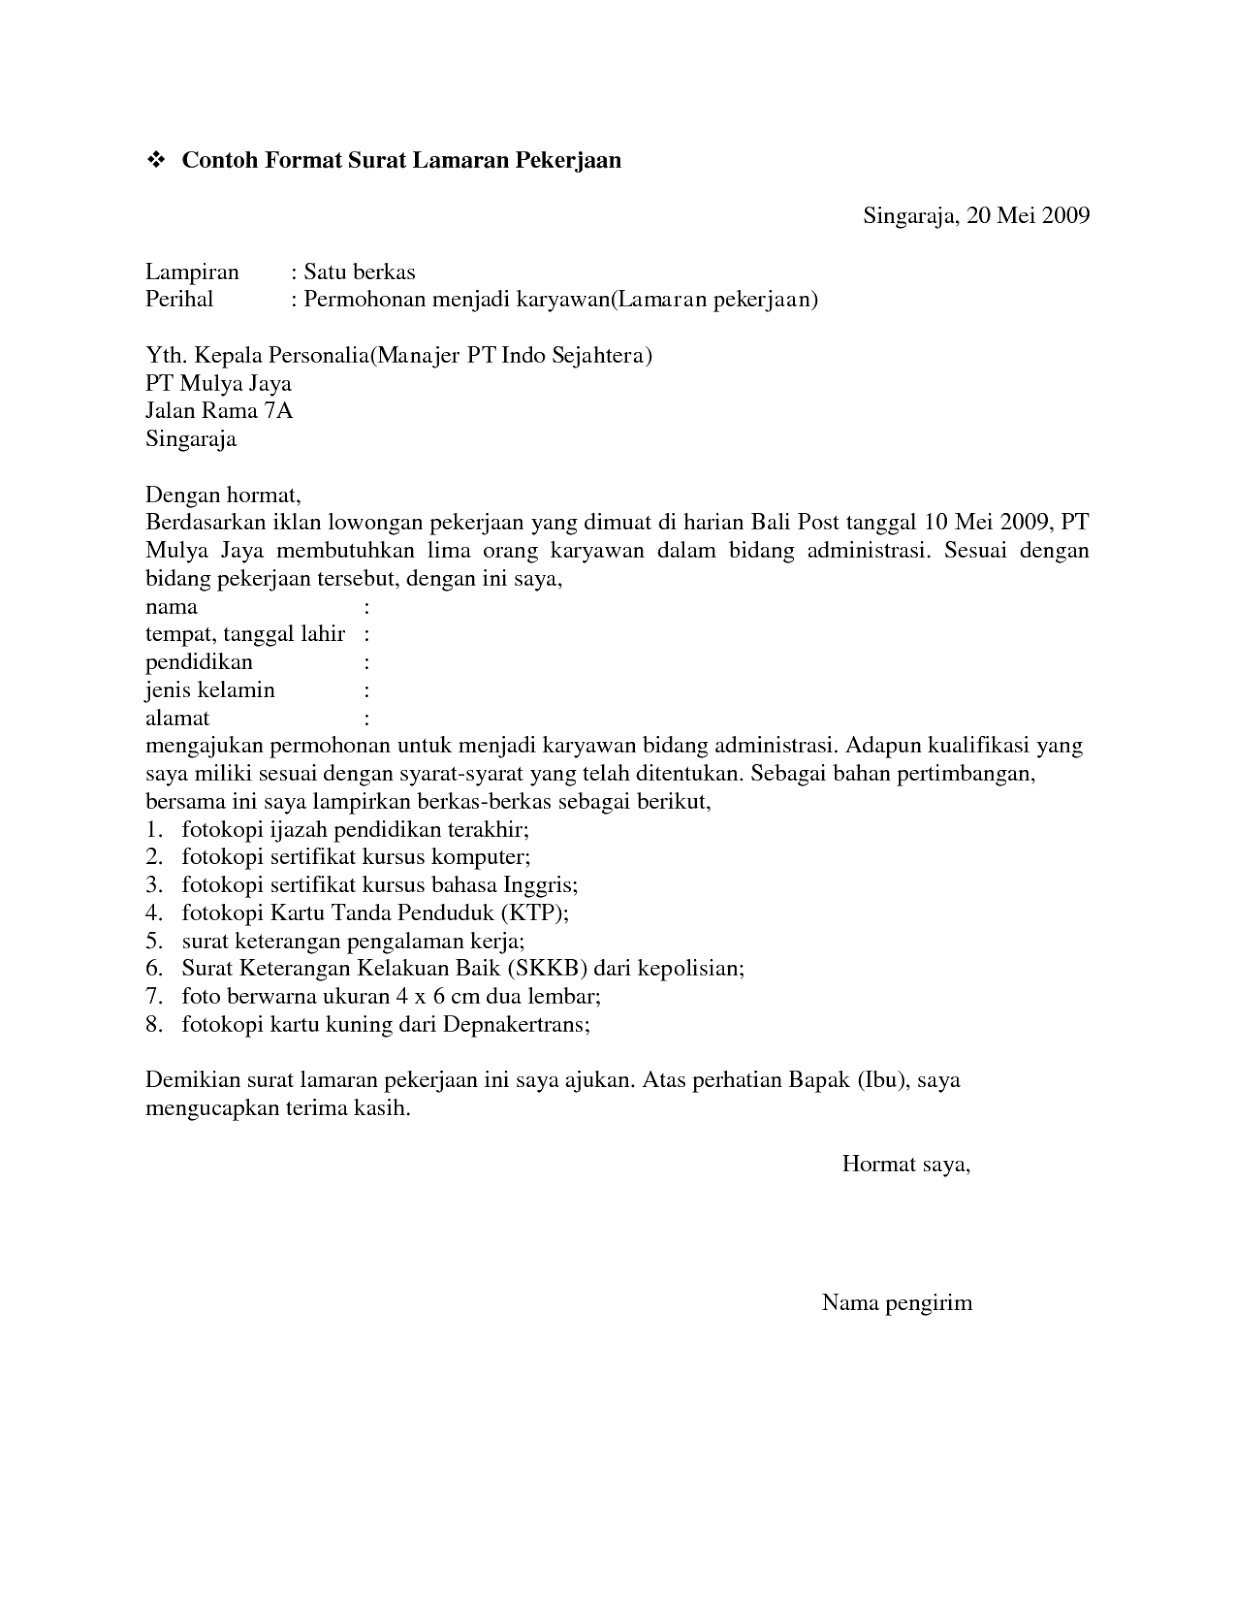 Contoh Surat Lamaran Kerja Waitress Dalam Bahasa Inggris Dan